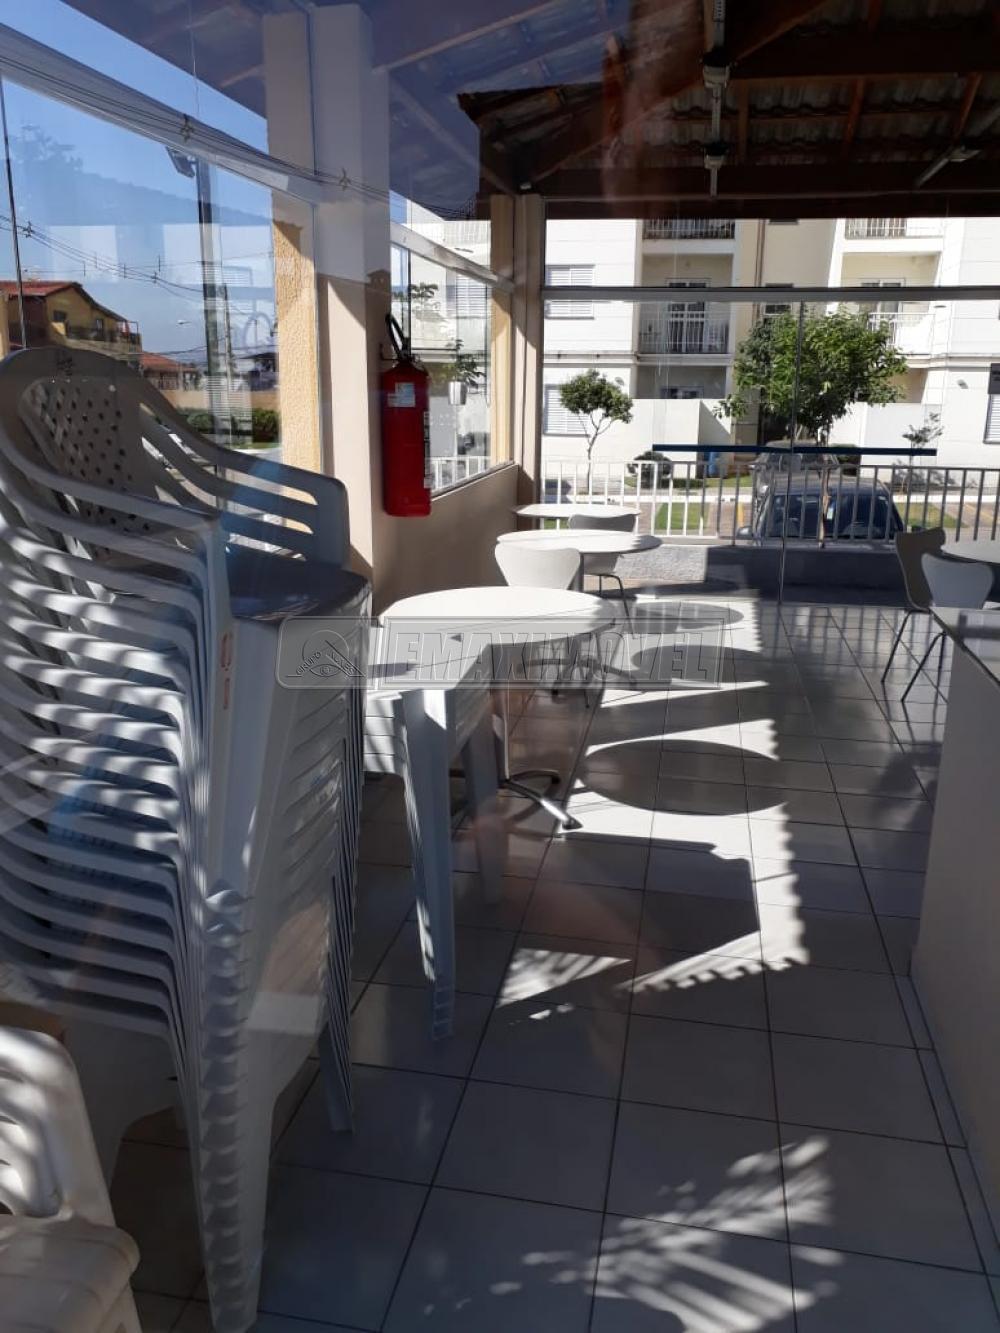 Comprar Apartamentos / Apto Padrão em Sorocaba apenas R$ 130.000,00 - Foto 15